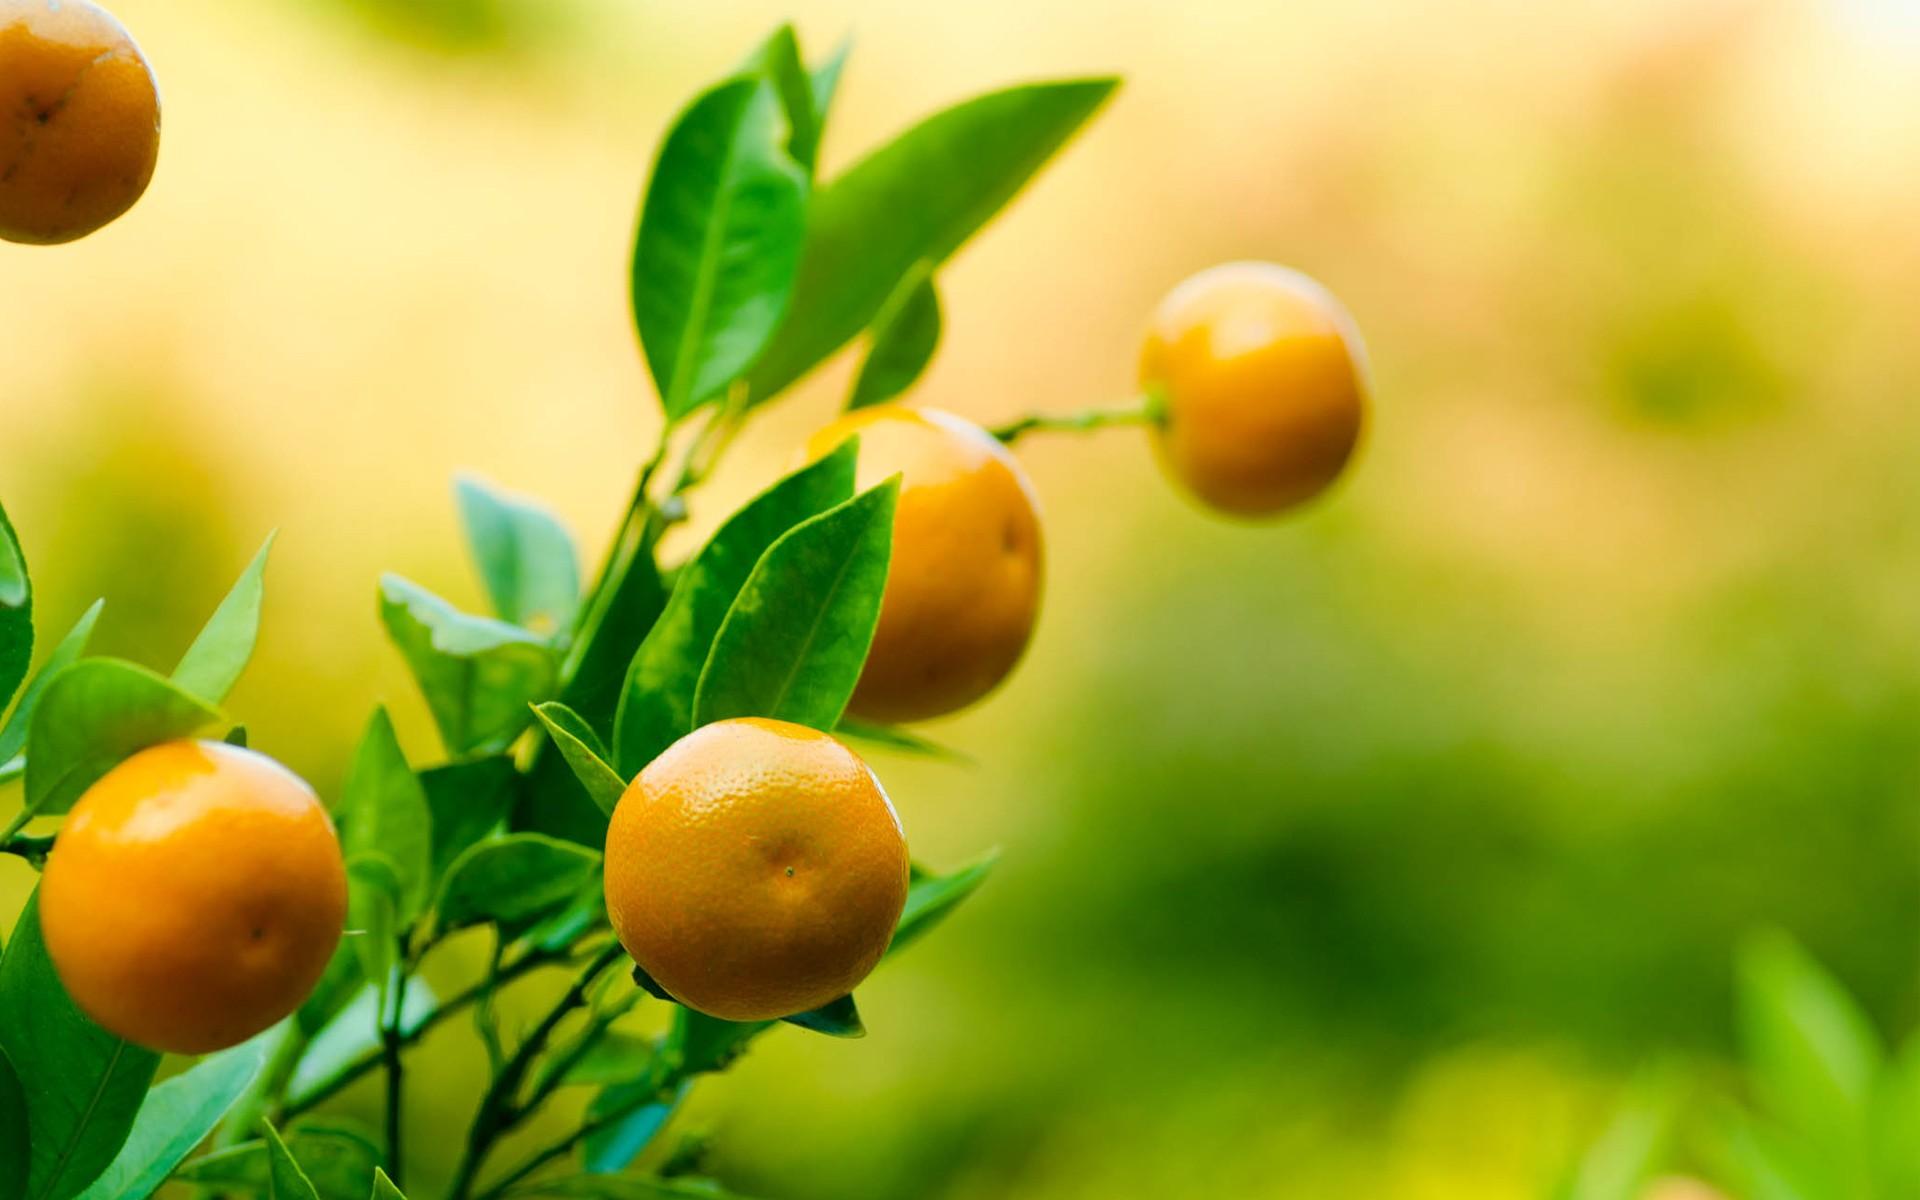 Naranjas - 1920x1200